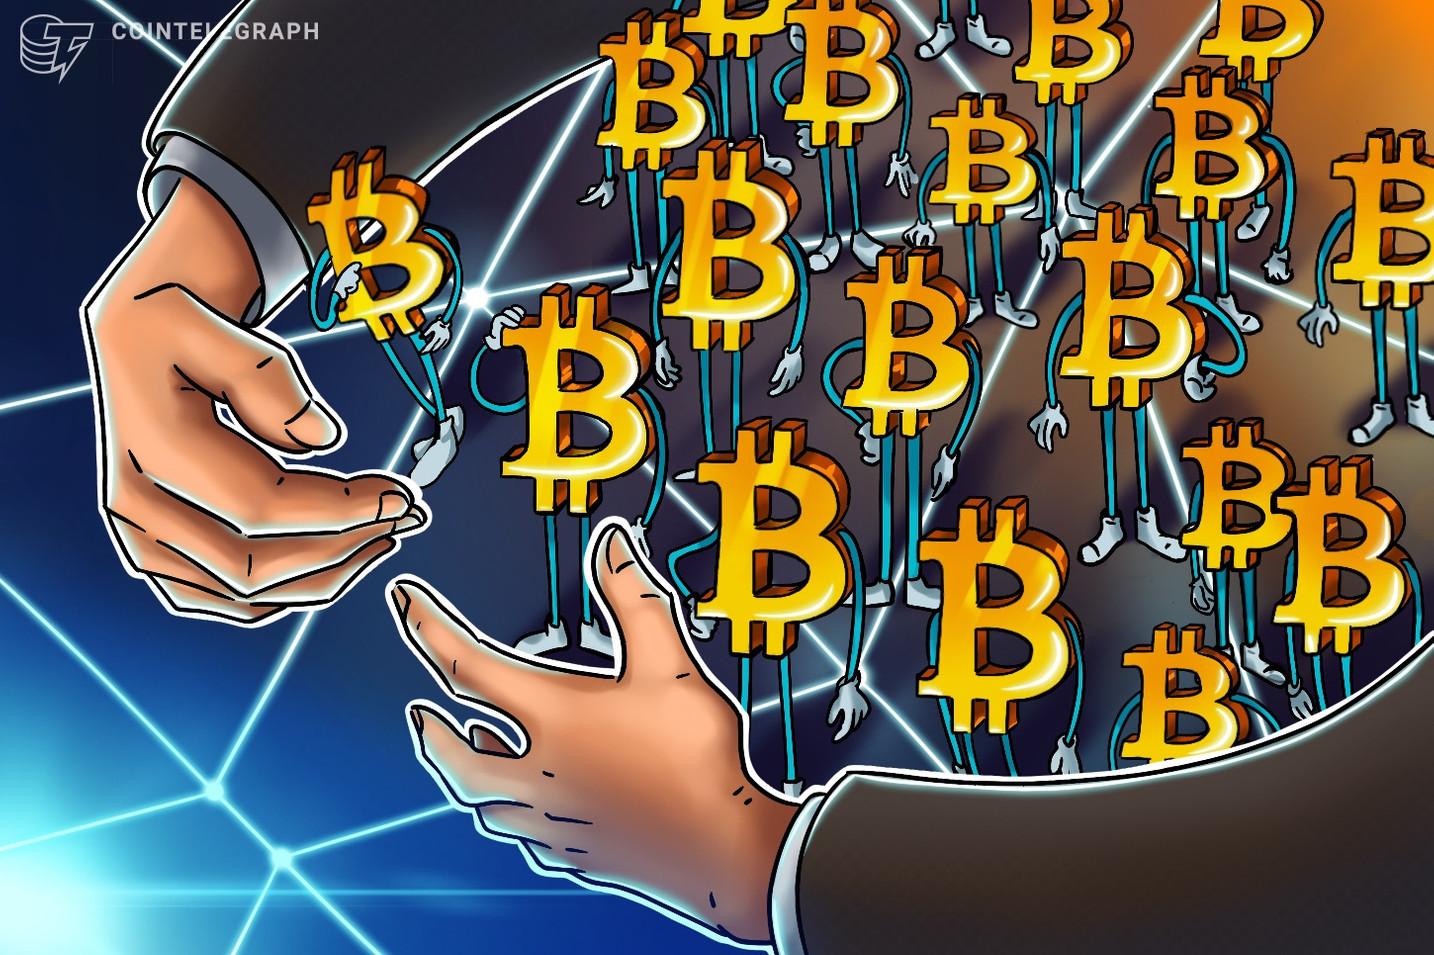 'Altre società seguiranno' — le azioni MSTR guadagnano il 9% dopo l'acquisto di Bitcoin